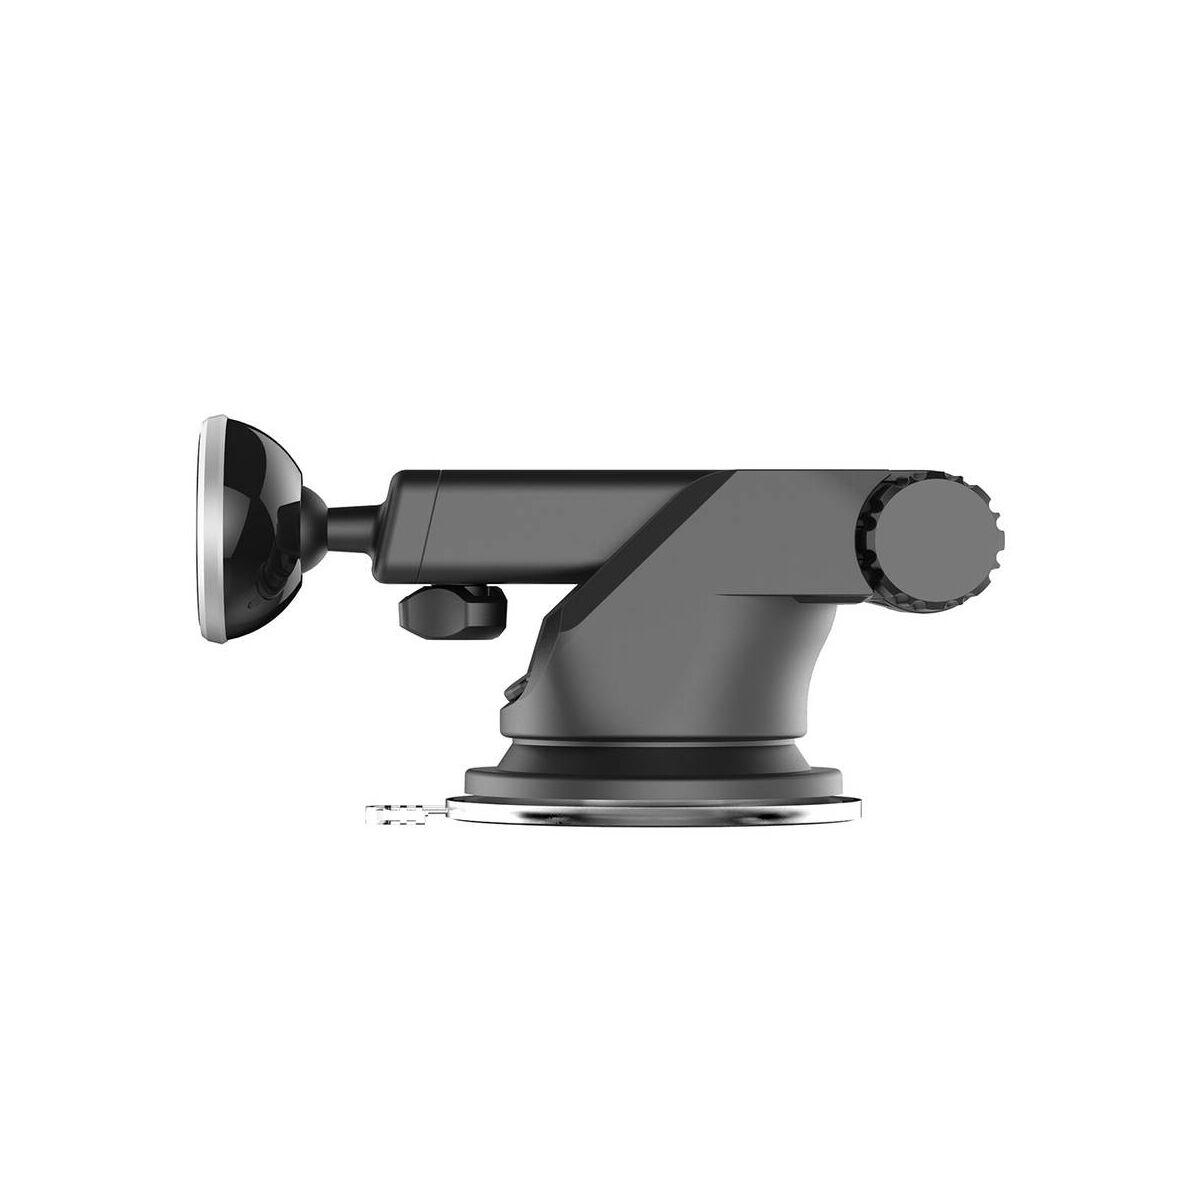 Baseus autós telefontartó, Solid series, kihúzható teleszkópos, mágneses, műszerfalra, ezüst (SULX-0S)